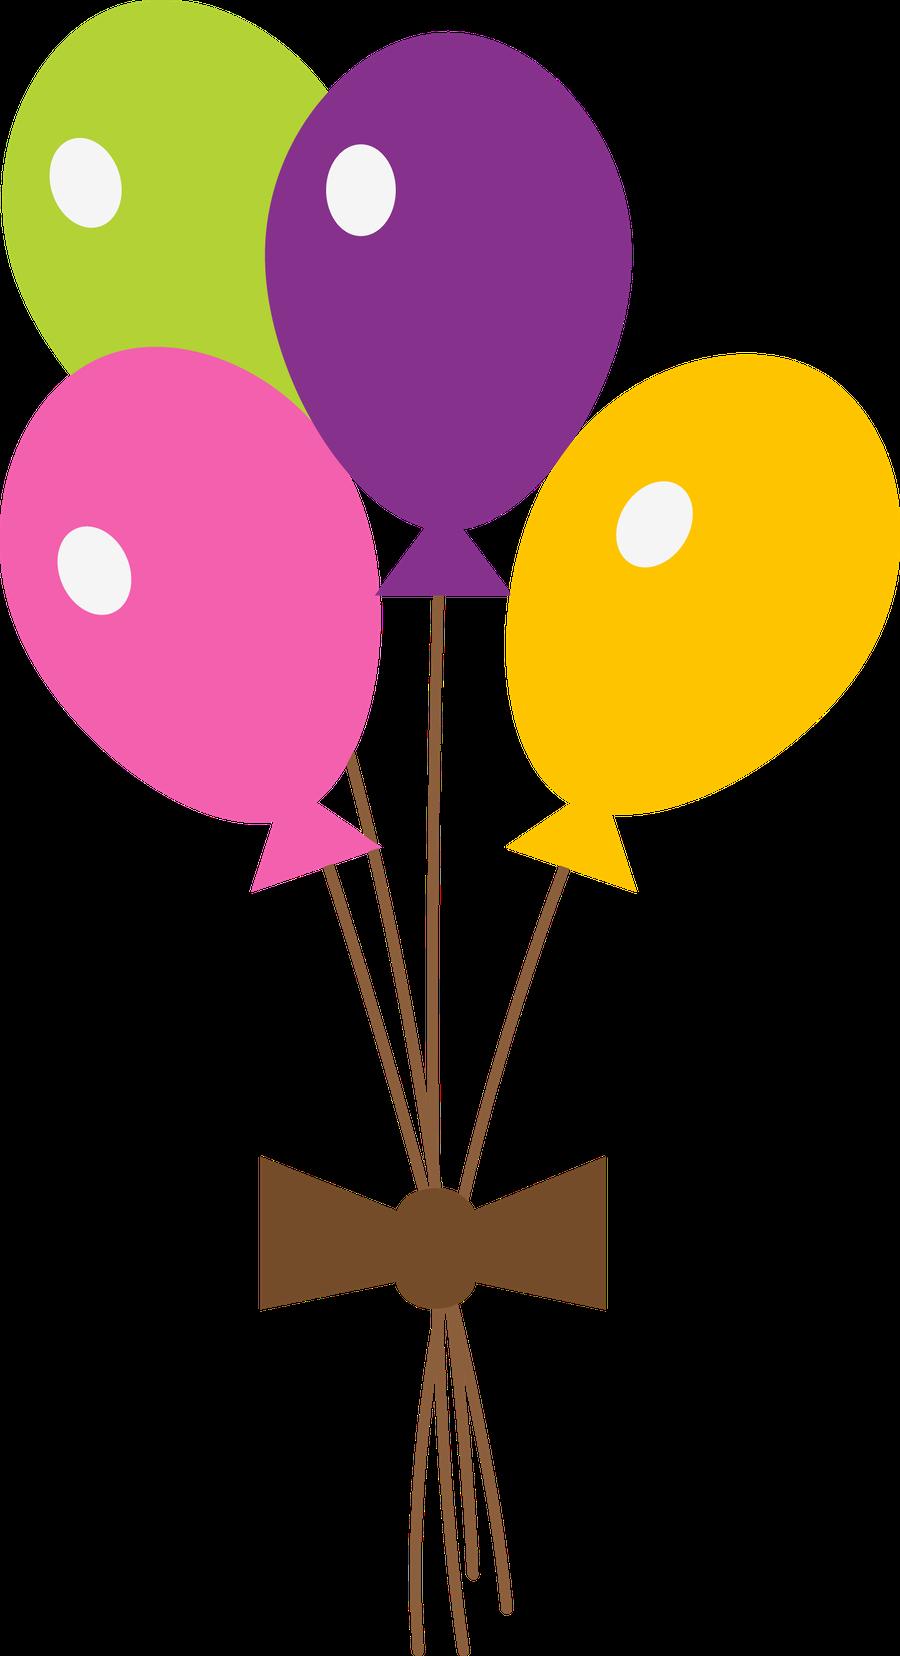 Baloes para imprimir colorido